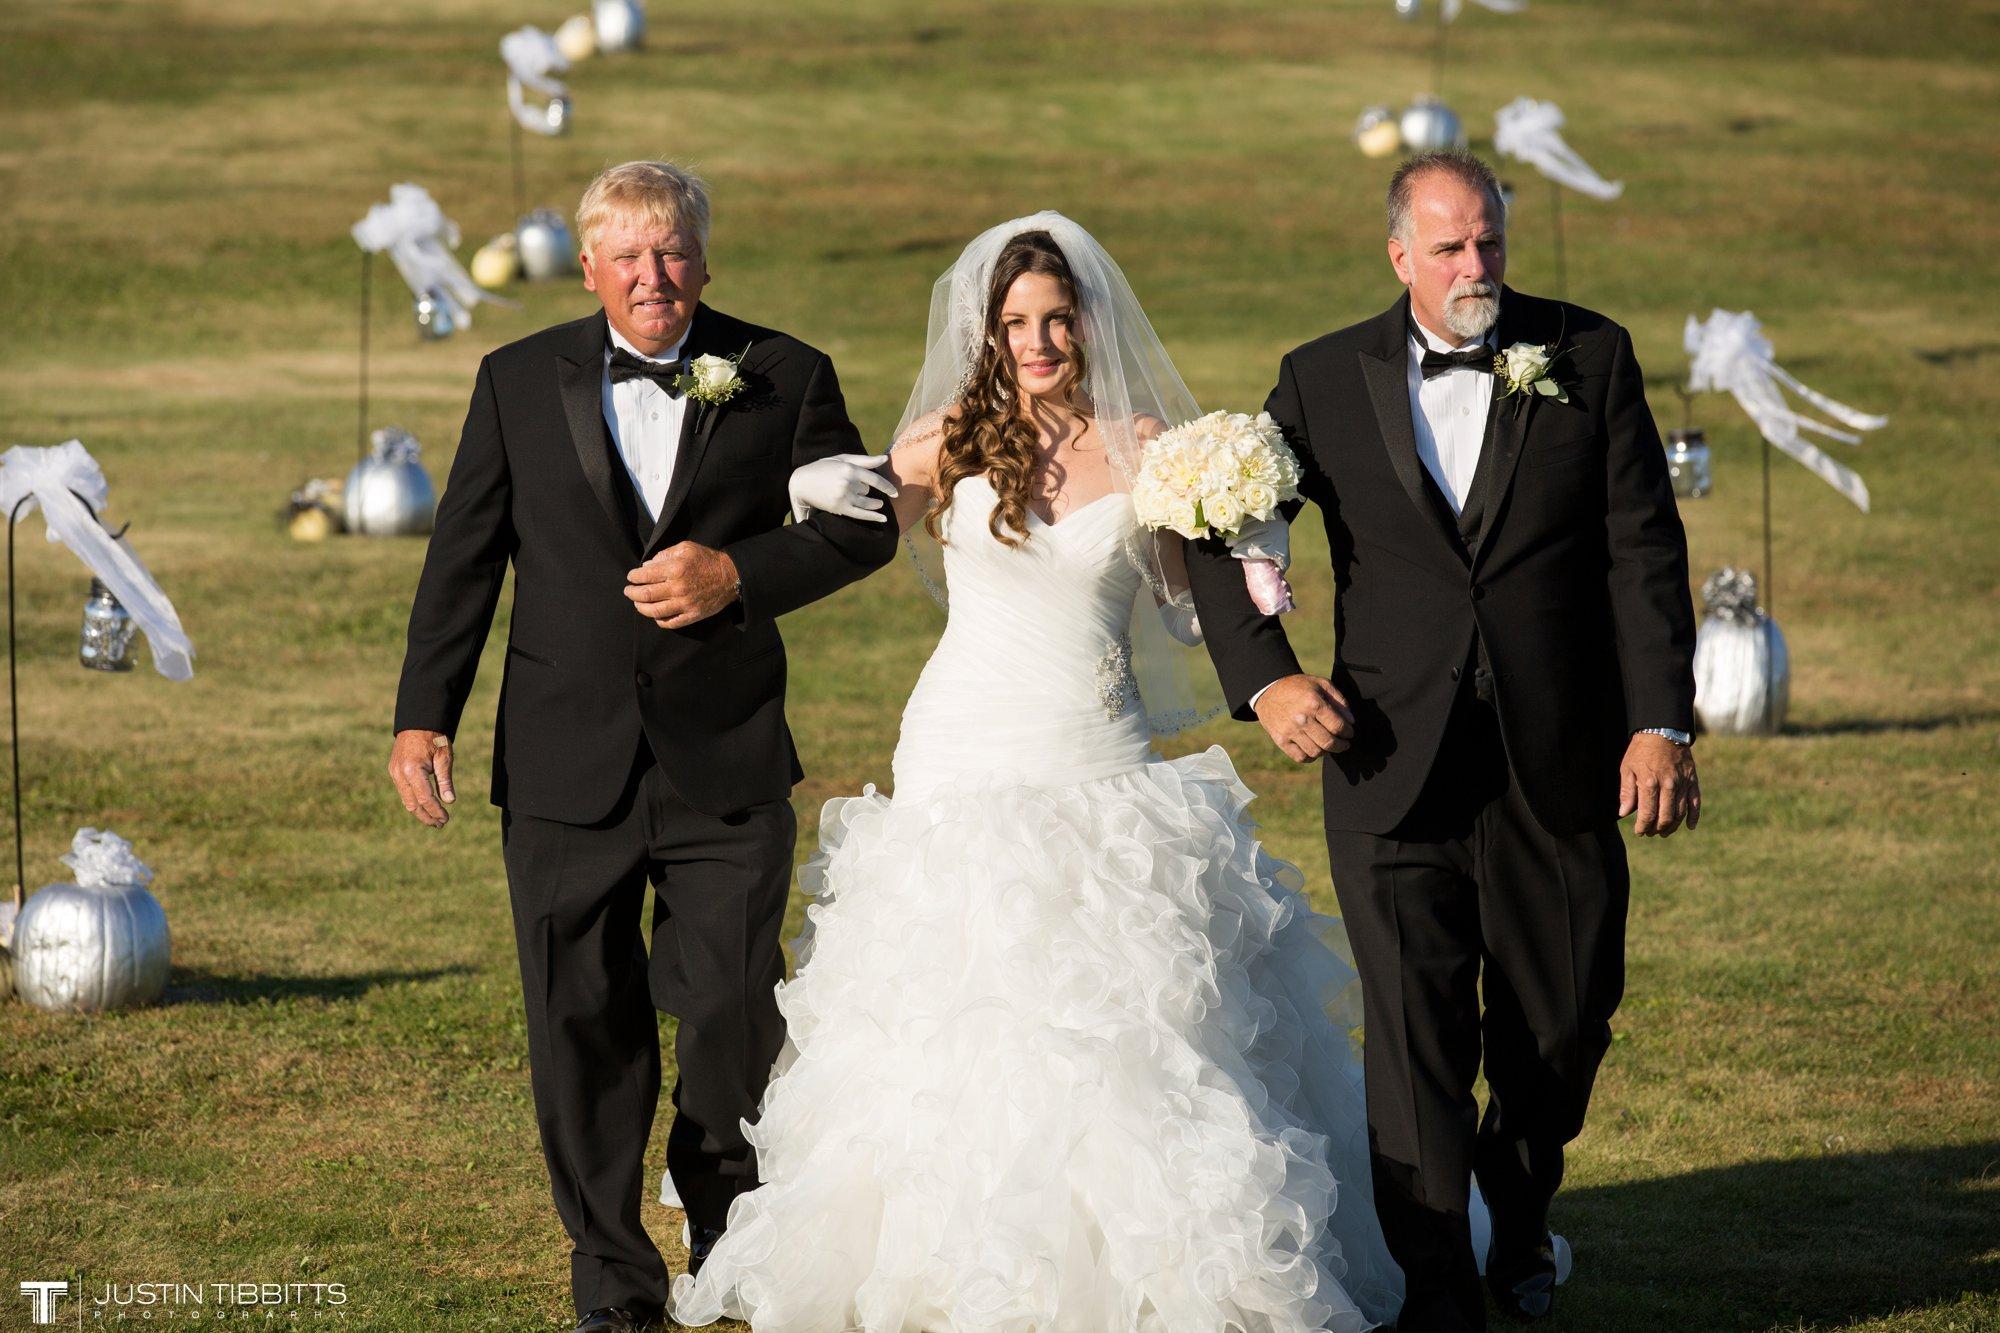 Albany NY Wedding Photographer Justin Tibbitts Photography 2014 Best of Albany NY Weddings-17013414136